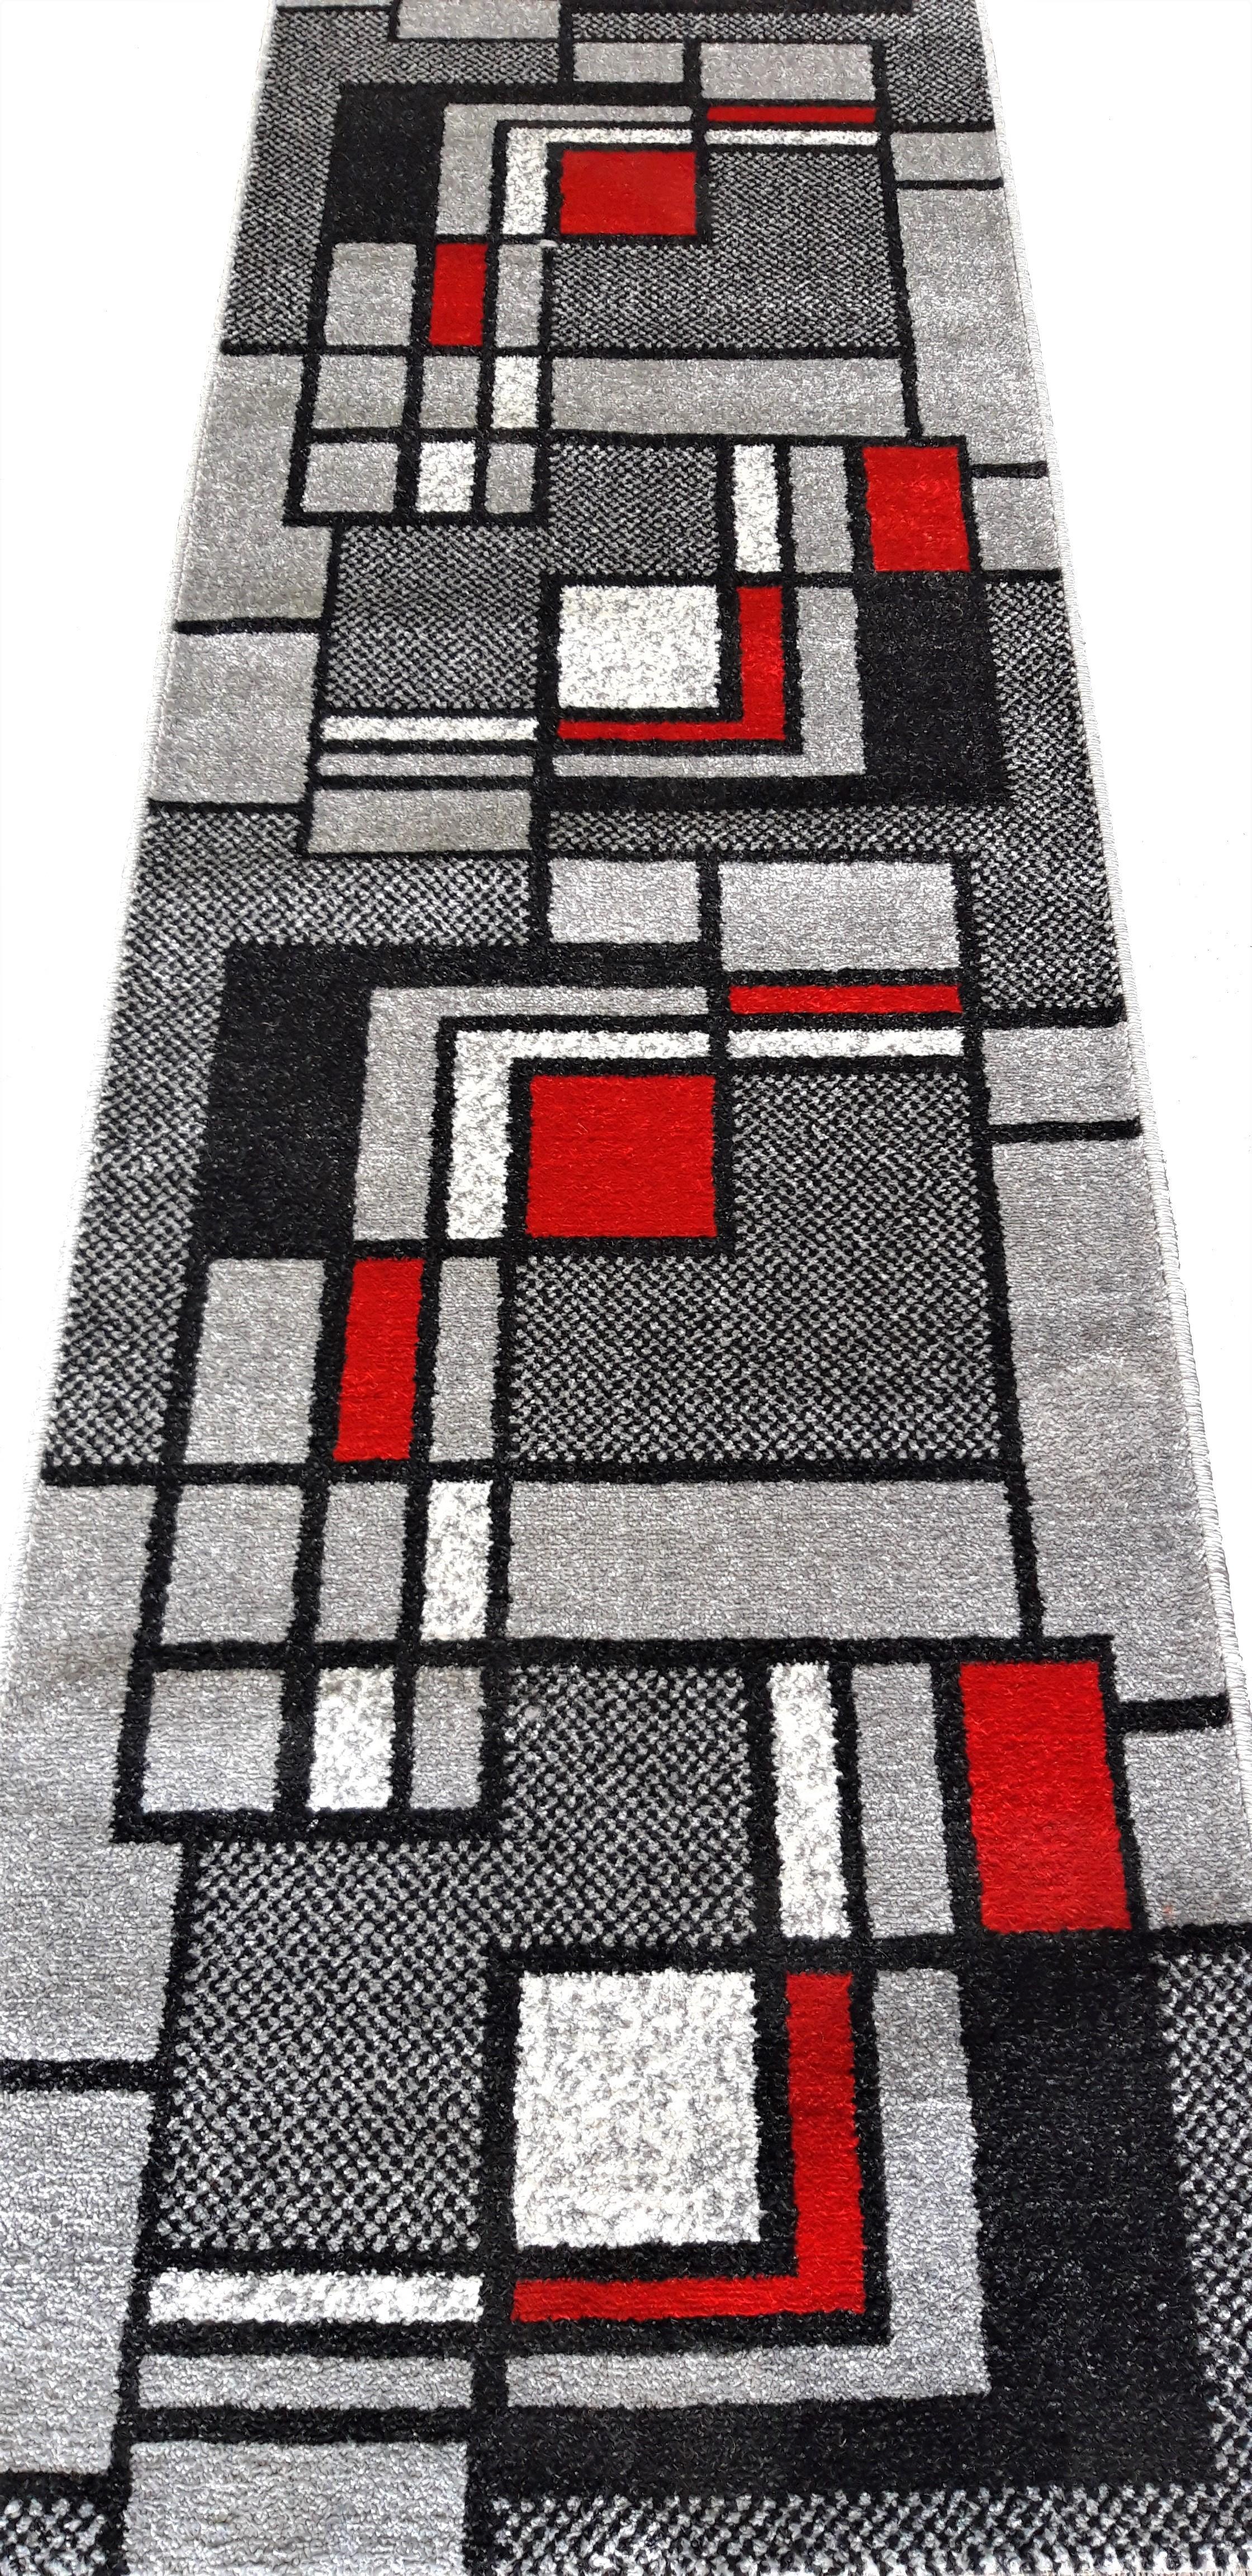 Traversa Covor, Cappuccino 16406, Multicolor, 80x1000 cm, 1700 gr/mp, 0.8x10 m. 0